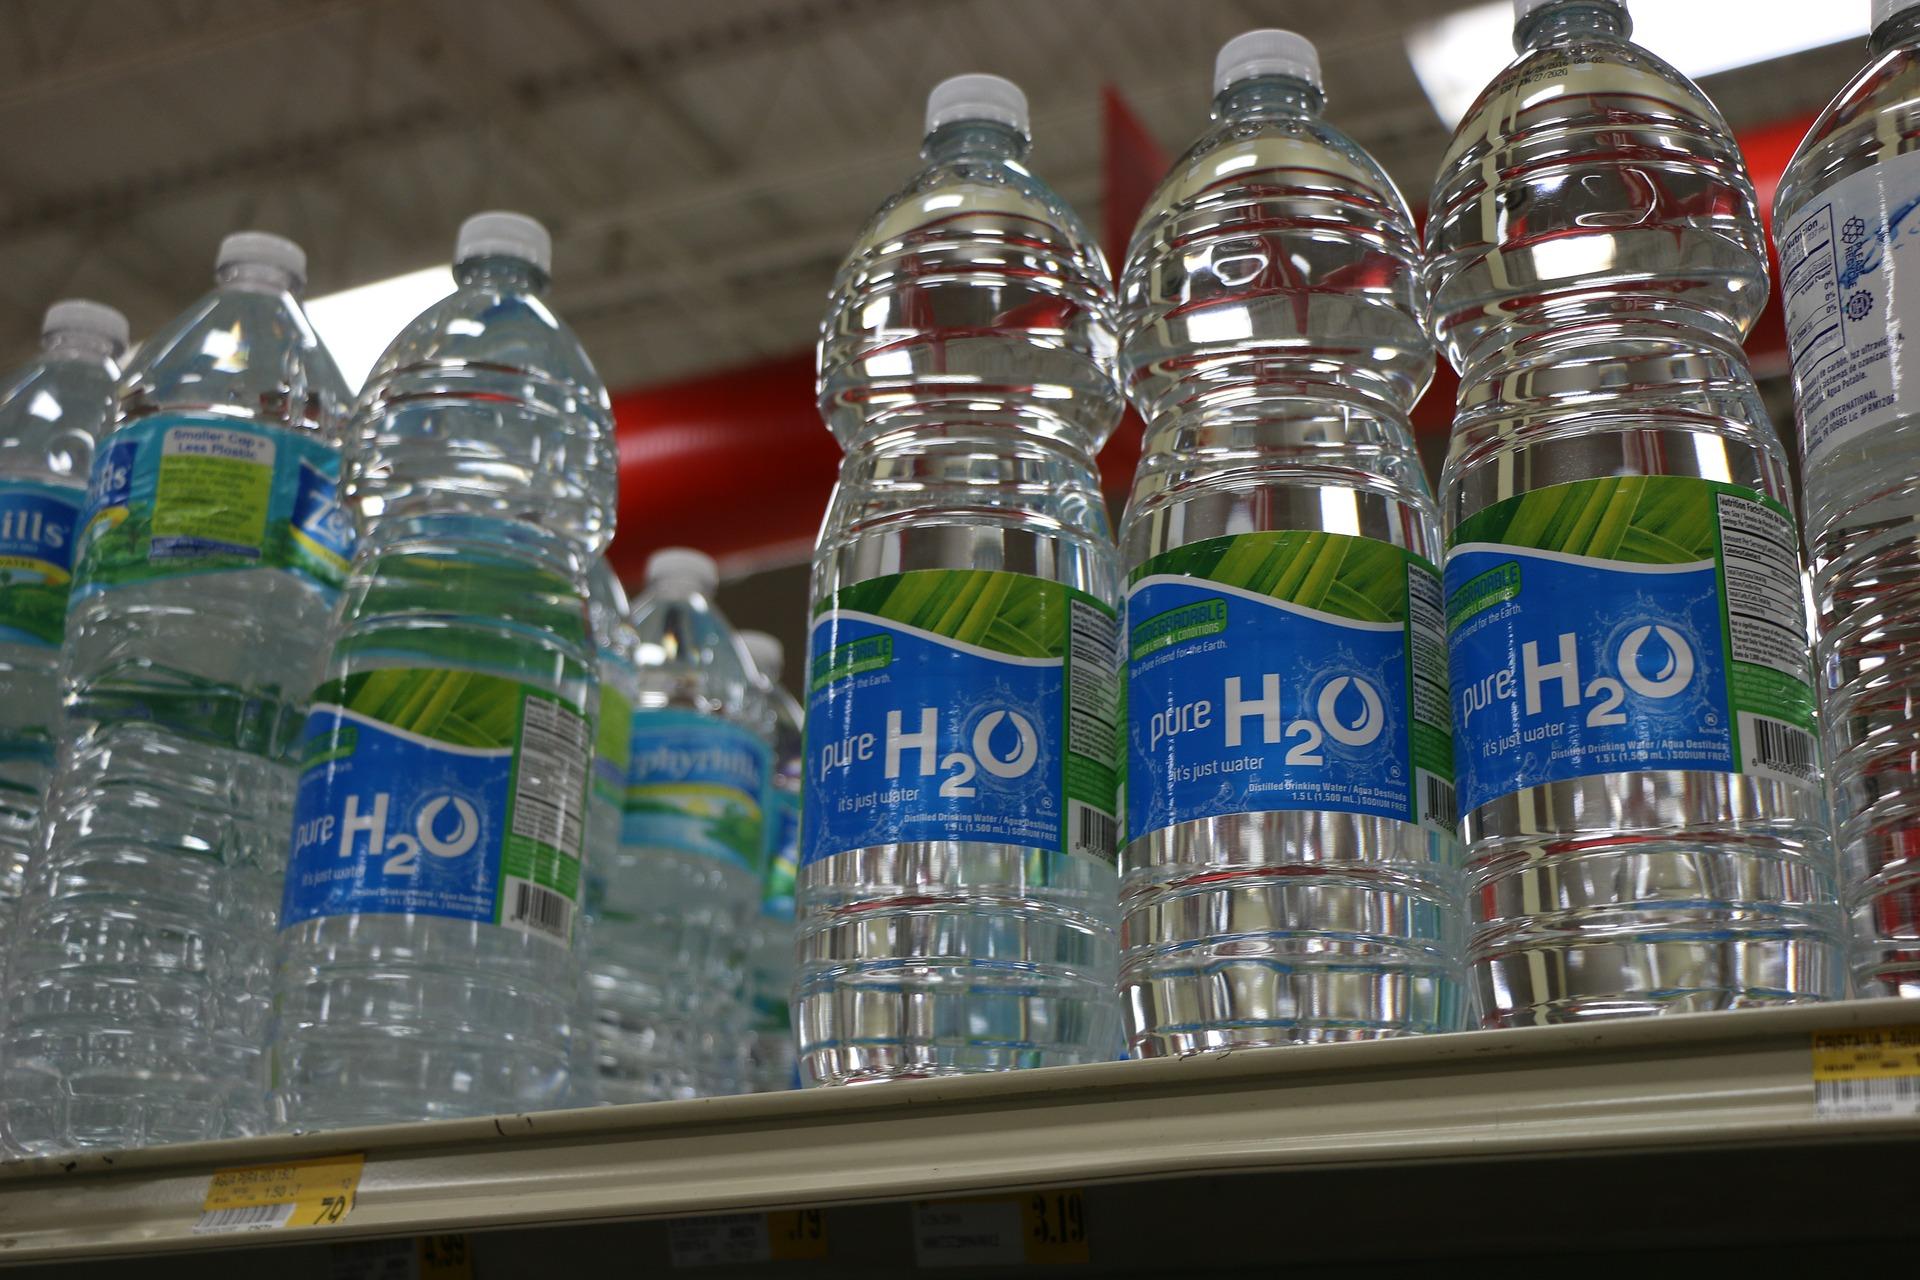 Yle, BBC: Tìm thấy các hạt nhựa li ti trong nước uống đóng chai